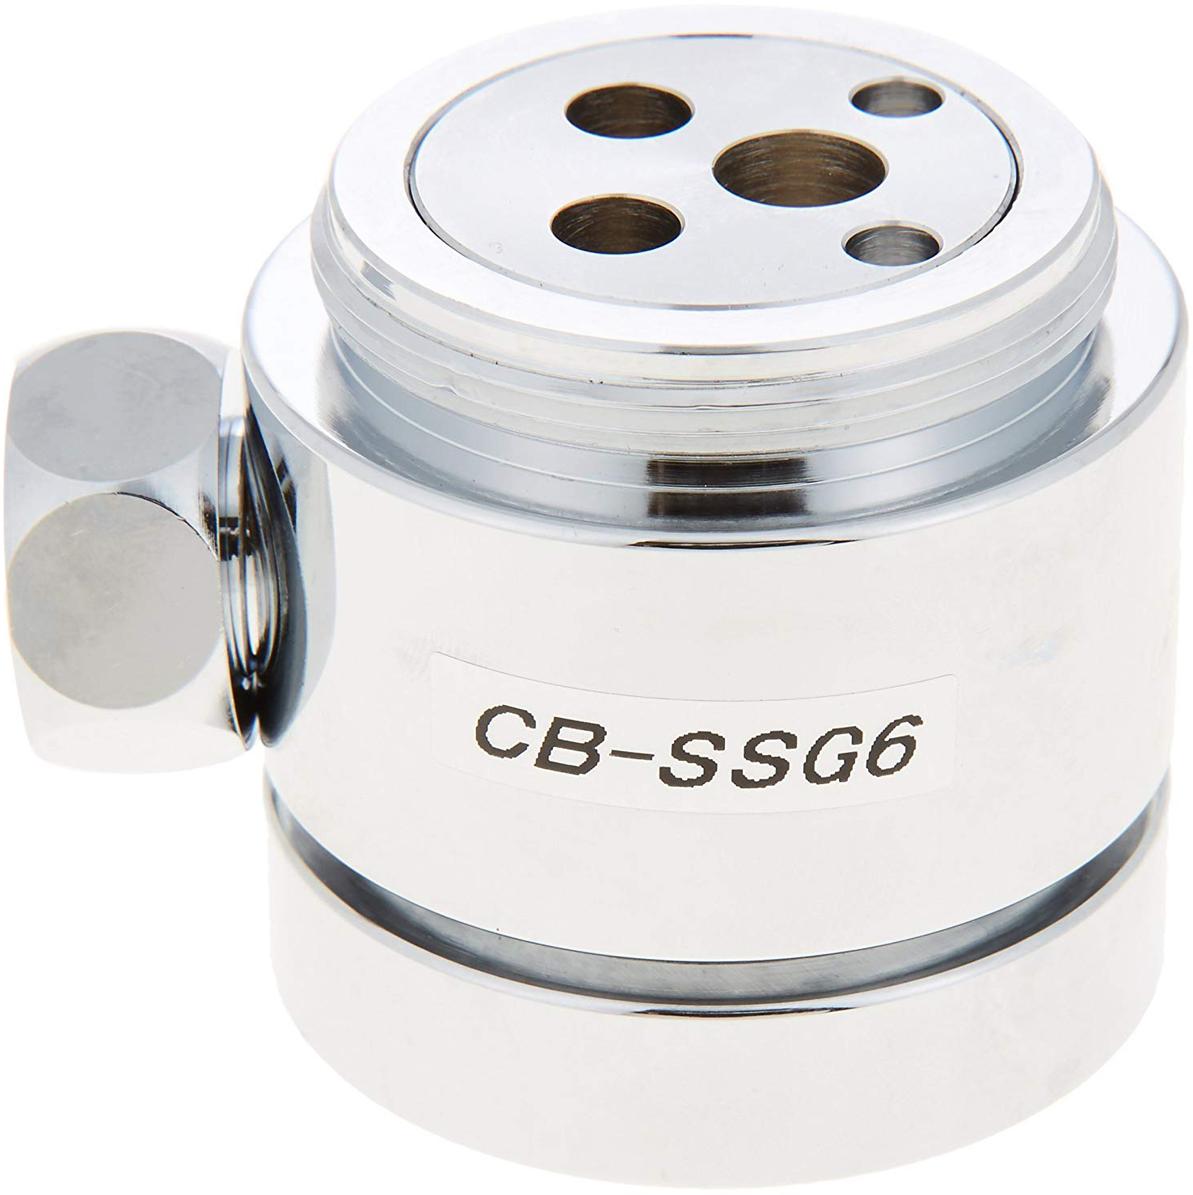 《あす楽》◆15時迄出荷OK!パナソニック分岐水栓【CB-SSG6】TOTO製水栓18機種対応